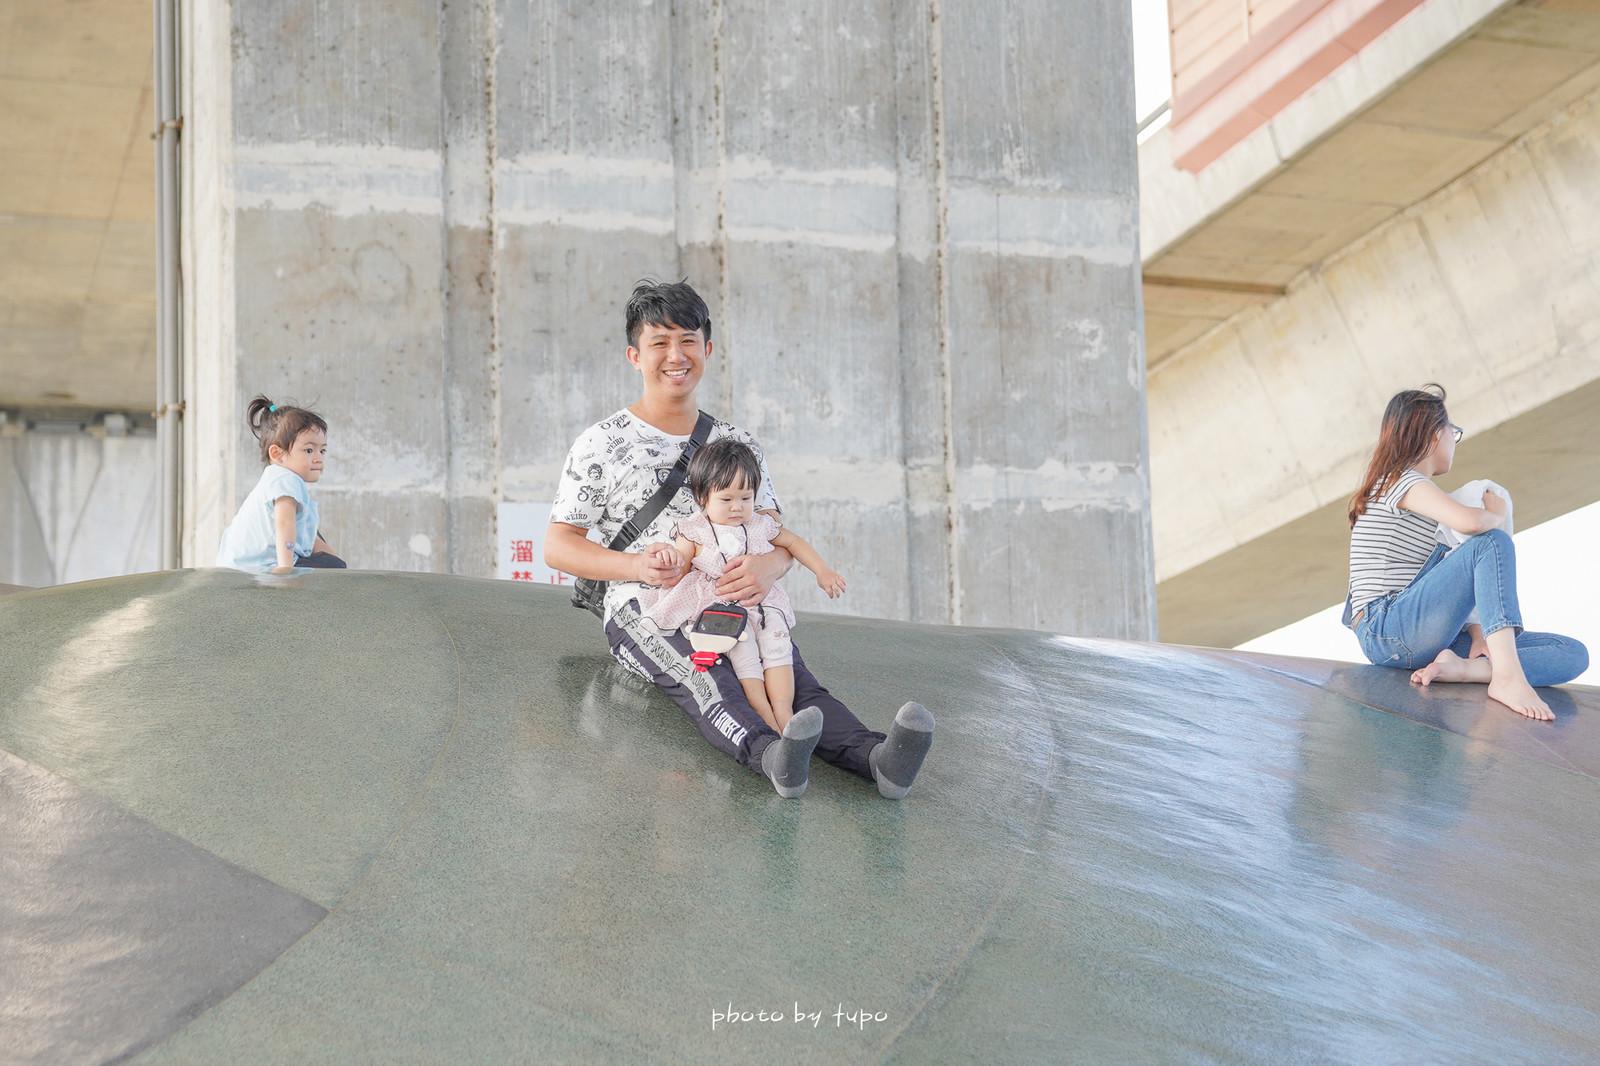 宜蘭冬山景點~高架橋下的無料遊樂場》武淵水火同源:天然湧泉泡腳池、大碗公溜滑梯,S型滑步車賽車場~